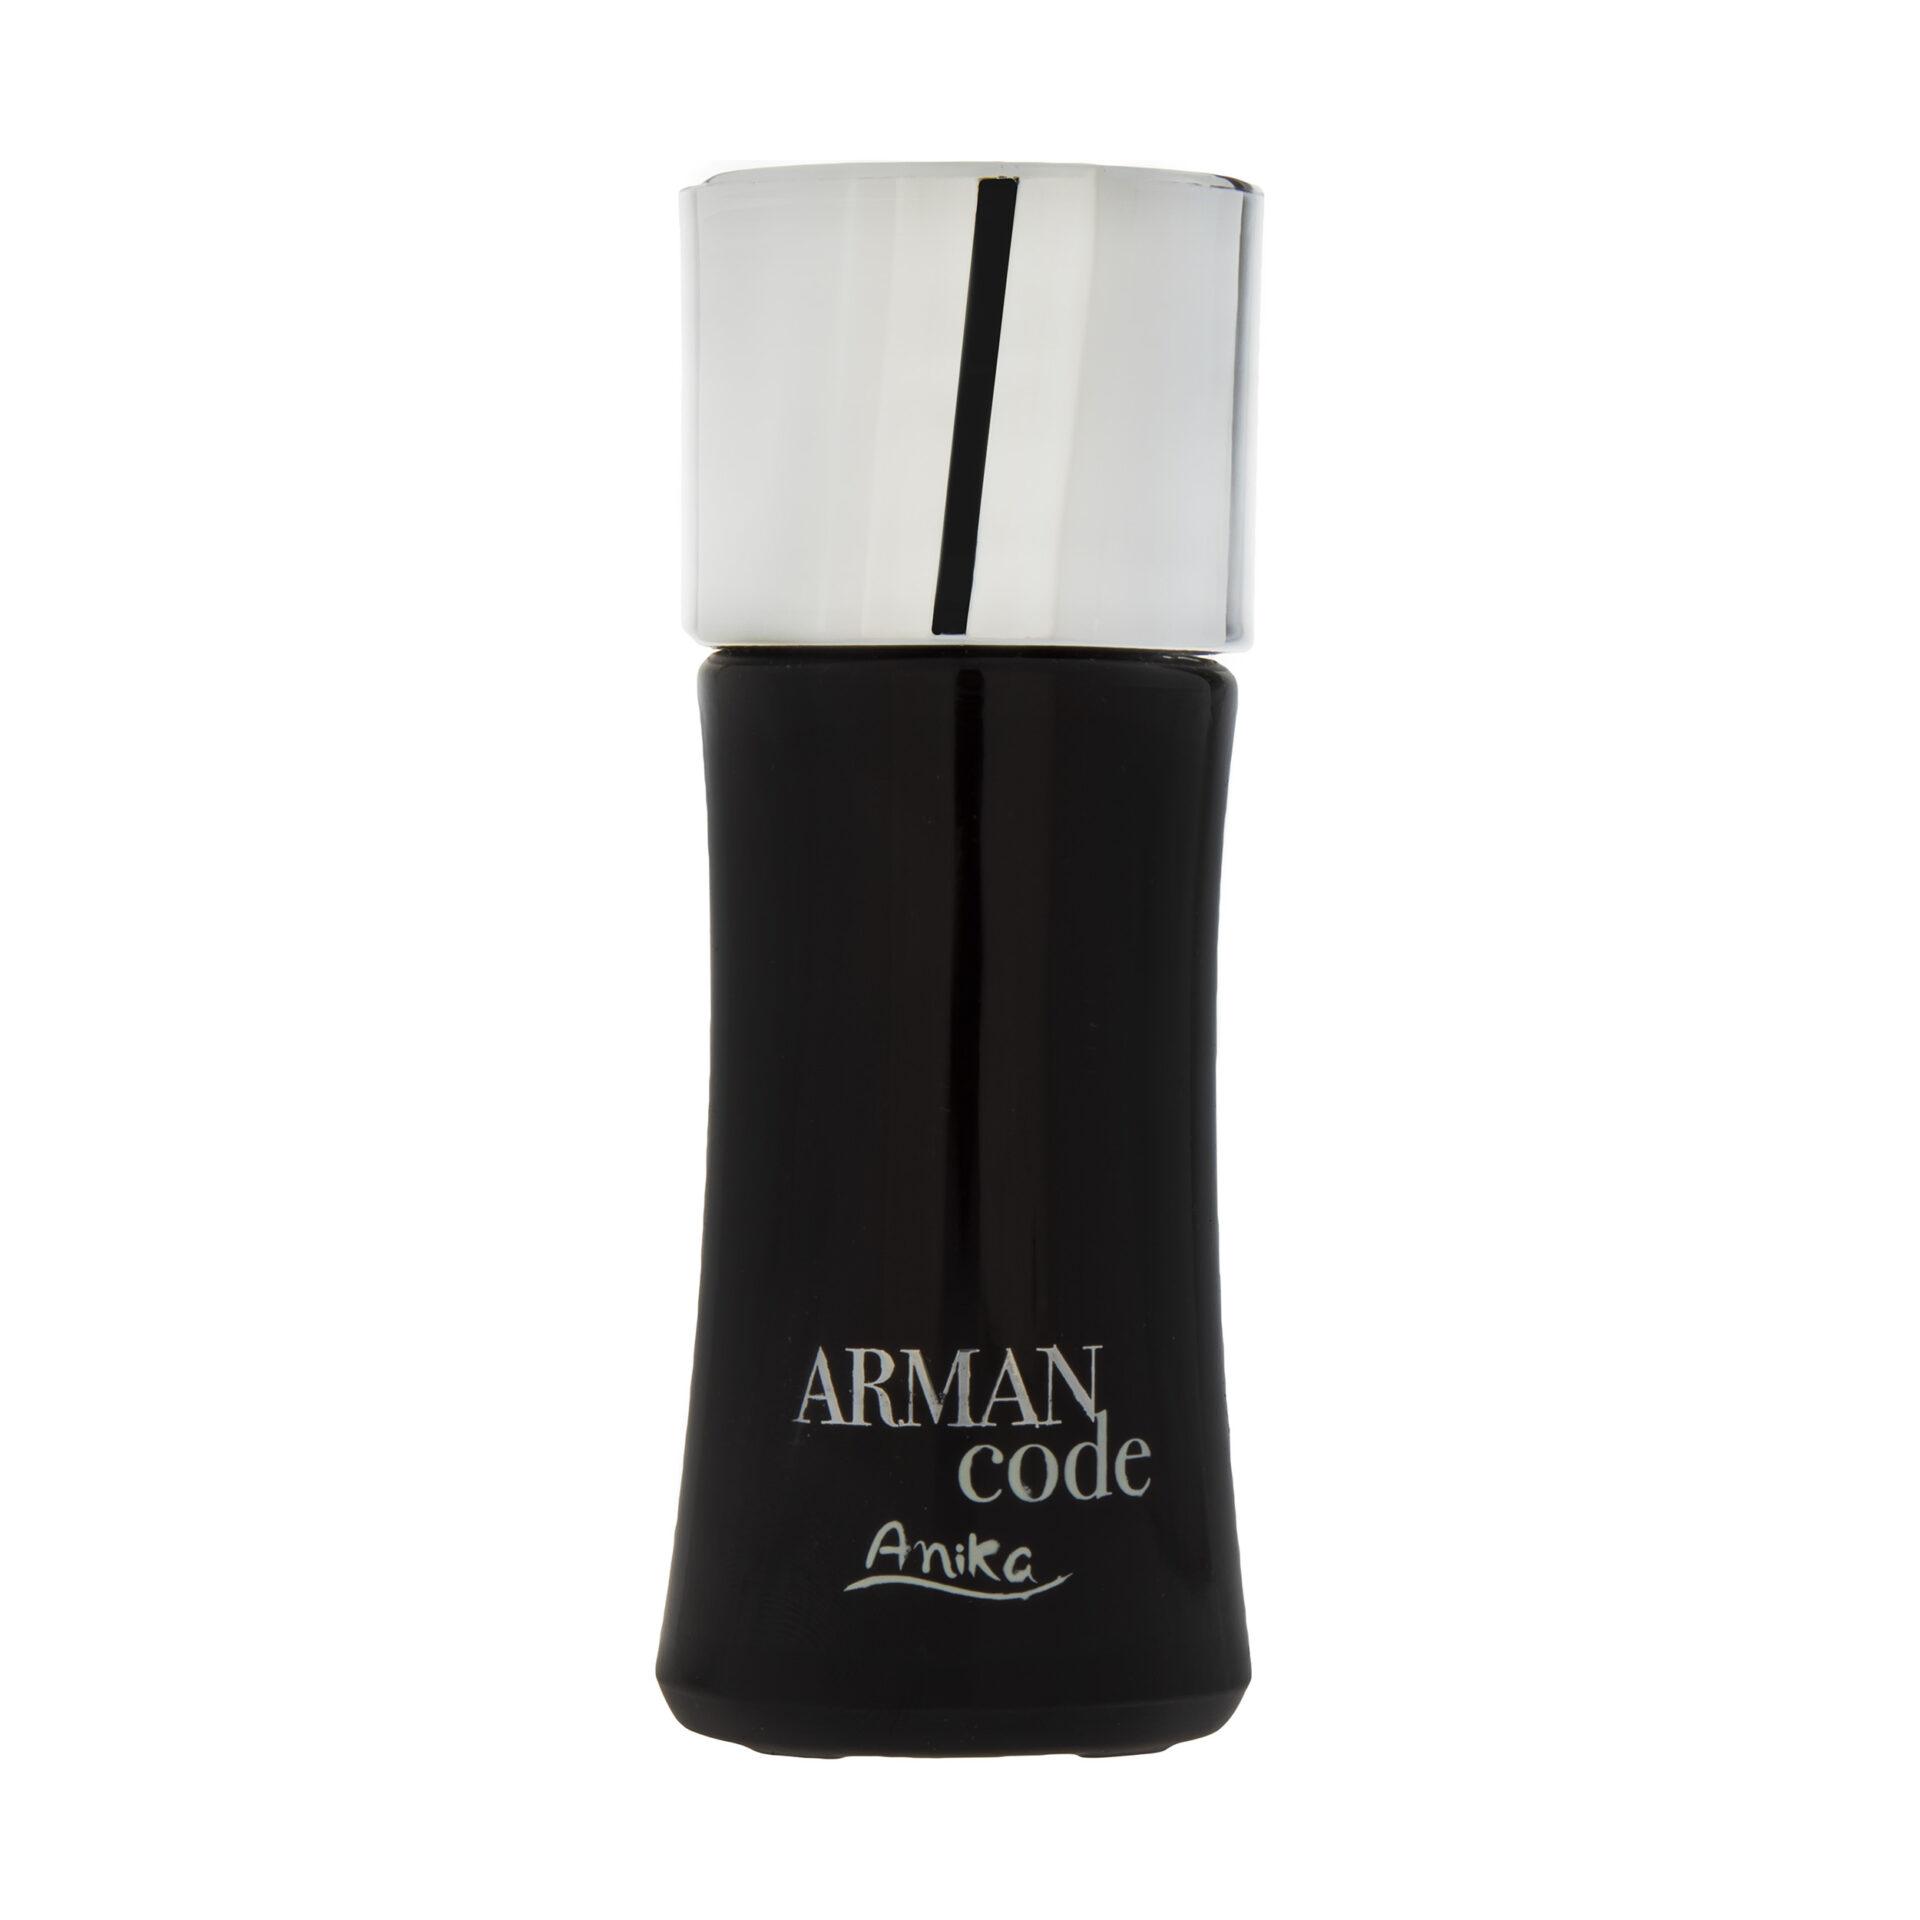 عطر جیبی مردانه آنیکا مدل Giorgio Armani حجم 30 میلی لیتر